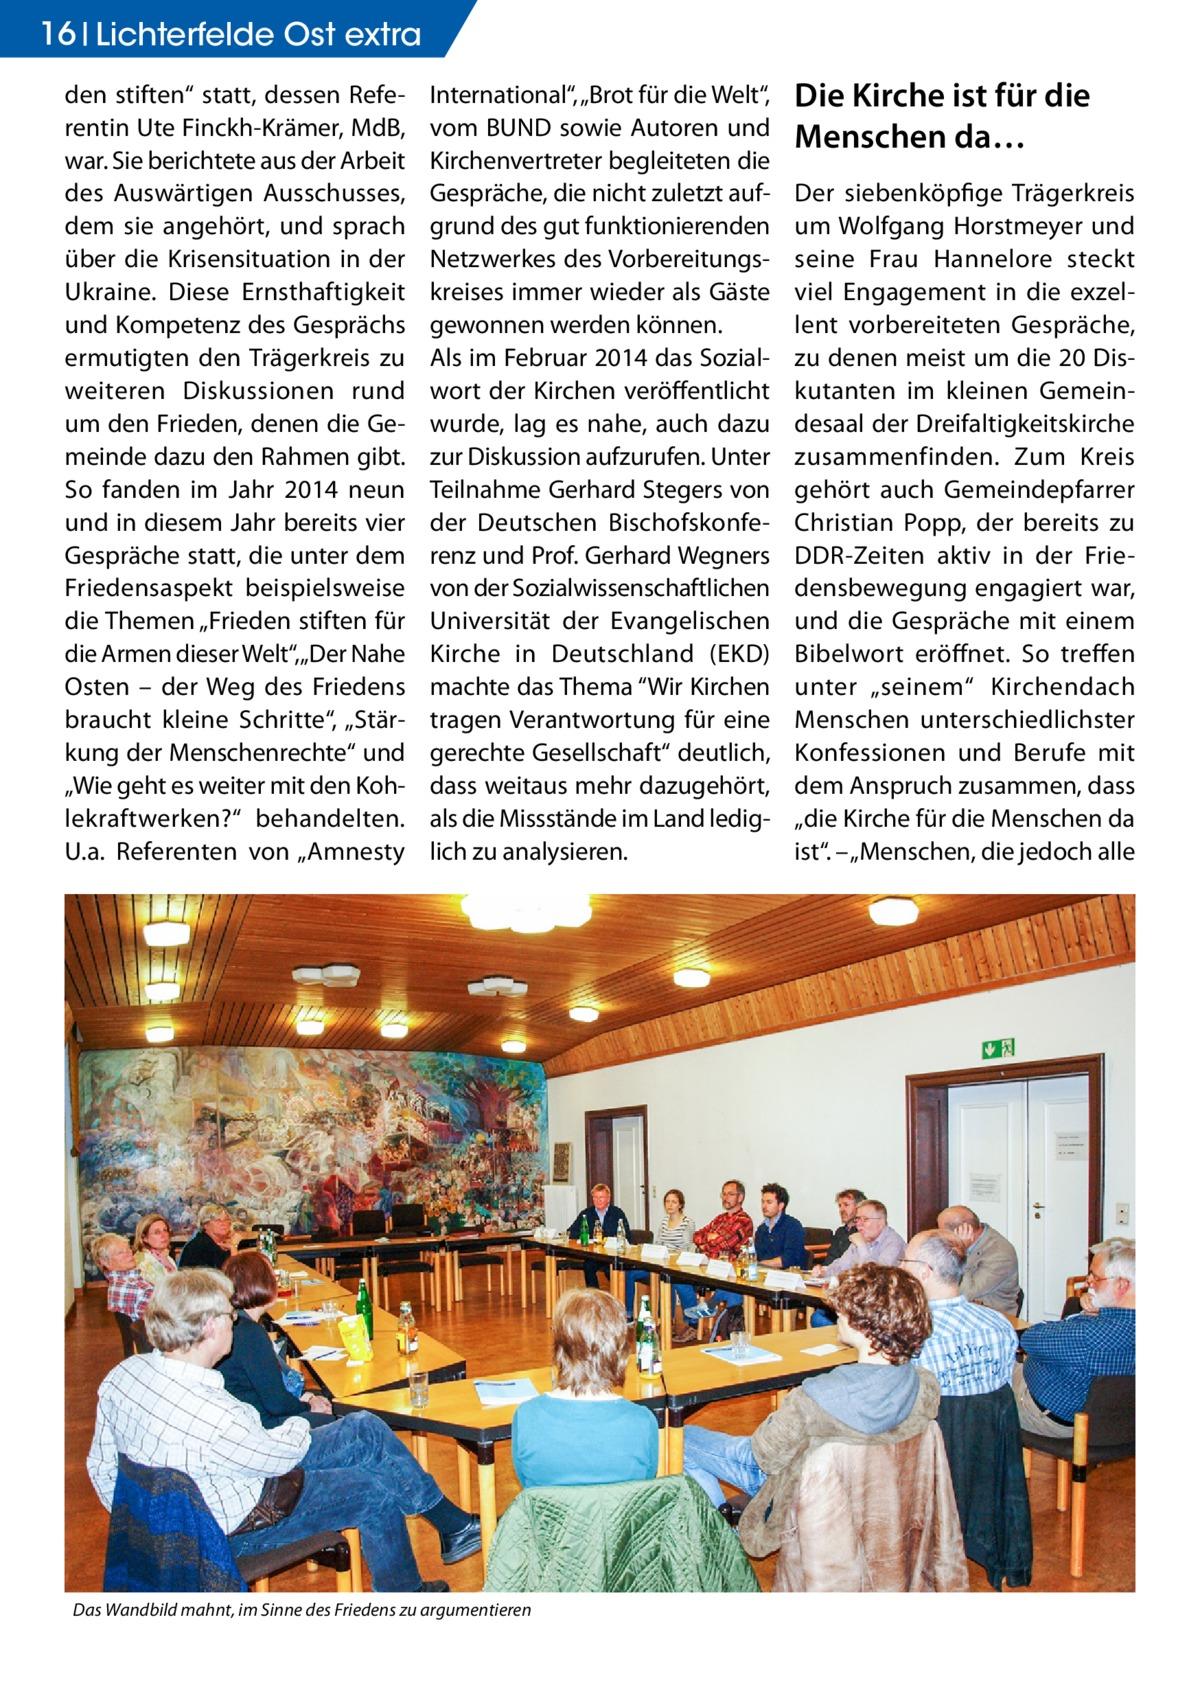 """16 Lichterfelde Ost extra den stiften"""" statt, dessen Referentin Ute Finckh-Krämer, MdB, war. Sie berichtete aus der Arbeit des Auswärtigen Ausschusses, dem sie angehört, und sprach über die Krisensituation in der Ukraine. Diese Ernsthaftigkeit und Kompetenz des Gesprächs ermutigten den Trägerkreis zu weiteren Diskussionen rund um den Frieden, denen die Gemeinde dazu den Rahmen gibt. So fanden im Jahr 2014 neun und in diesem Jahr bereits vier Gespräche statt, die unter dem Friedensaspekt beispielsweise die Themen """"Frieden stiften für die Armen dieser Welt"""", """"Der Nahe Osten – der Weg des Friedens braucht kleine Schritte"""", """"Stärkung der Menschenrechte"""" und """"Wie geht es weiter mit den Kohlekraftwerken?"""" behandelten. U.a. Referenten von """"Amnesty  International"""", """"Brot für die Welt"""", vom BUND sowie Autoren und Kirchenvertreter begleiteten die Gespräche, die nicht zuletzt aufgrund des gut funktionierenden Netzwerkes des Vorbereitungskreises immer wieder als Gäste gewonnen werden können. Als im Februar 2014 das Sozialwort der Kirchen veröffentlicht wurde, lag es nahe, auch dazu zur Diskussion aufzurufen. Unter Teilnahme Gerhard Stegers von der Deutschen Bischofskonferenz und Prof. Gerhard Wegners von der Sozialwissenschaftlichen Universität der Evangelischen Kirche in Deutschland (EKD) machte das Thema """"Wir Kirchen tragen Verantwortung für eine gerechte Gesellschaft"""" deutlich, dass weitaus mehr dazugehört, als die Missstände im Land lediglich zu analysieren.  Das Wandbild mahnt, im Sinne des Friedens zu argumentieren  Die Kirche ist für die Menschen da… Der siebenköpfige Trägerkreis um Wolfgang Horstmeyer und seine Frau Hannelore steckt viel Engagement in die exzellent vorbereiteten Gespräche, zu denen meist um die 20 Diskutanten im kleinen Gemeindesaal der Dreifaltigkeitskirche zusammenfinden. Zum Kreis gehört auch Gemeindepfarrer Christian Popp, der bereits zu DDR-Zeiten aktiv in der Friedensbewegung engagiert war, und die Gespräche mit einem Bibelwort eröffnet. So treffe"""